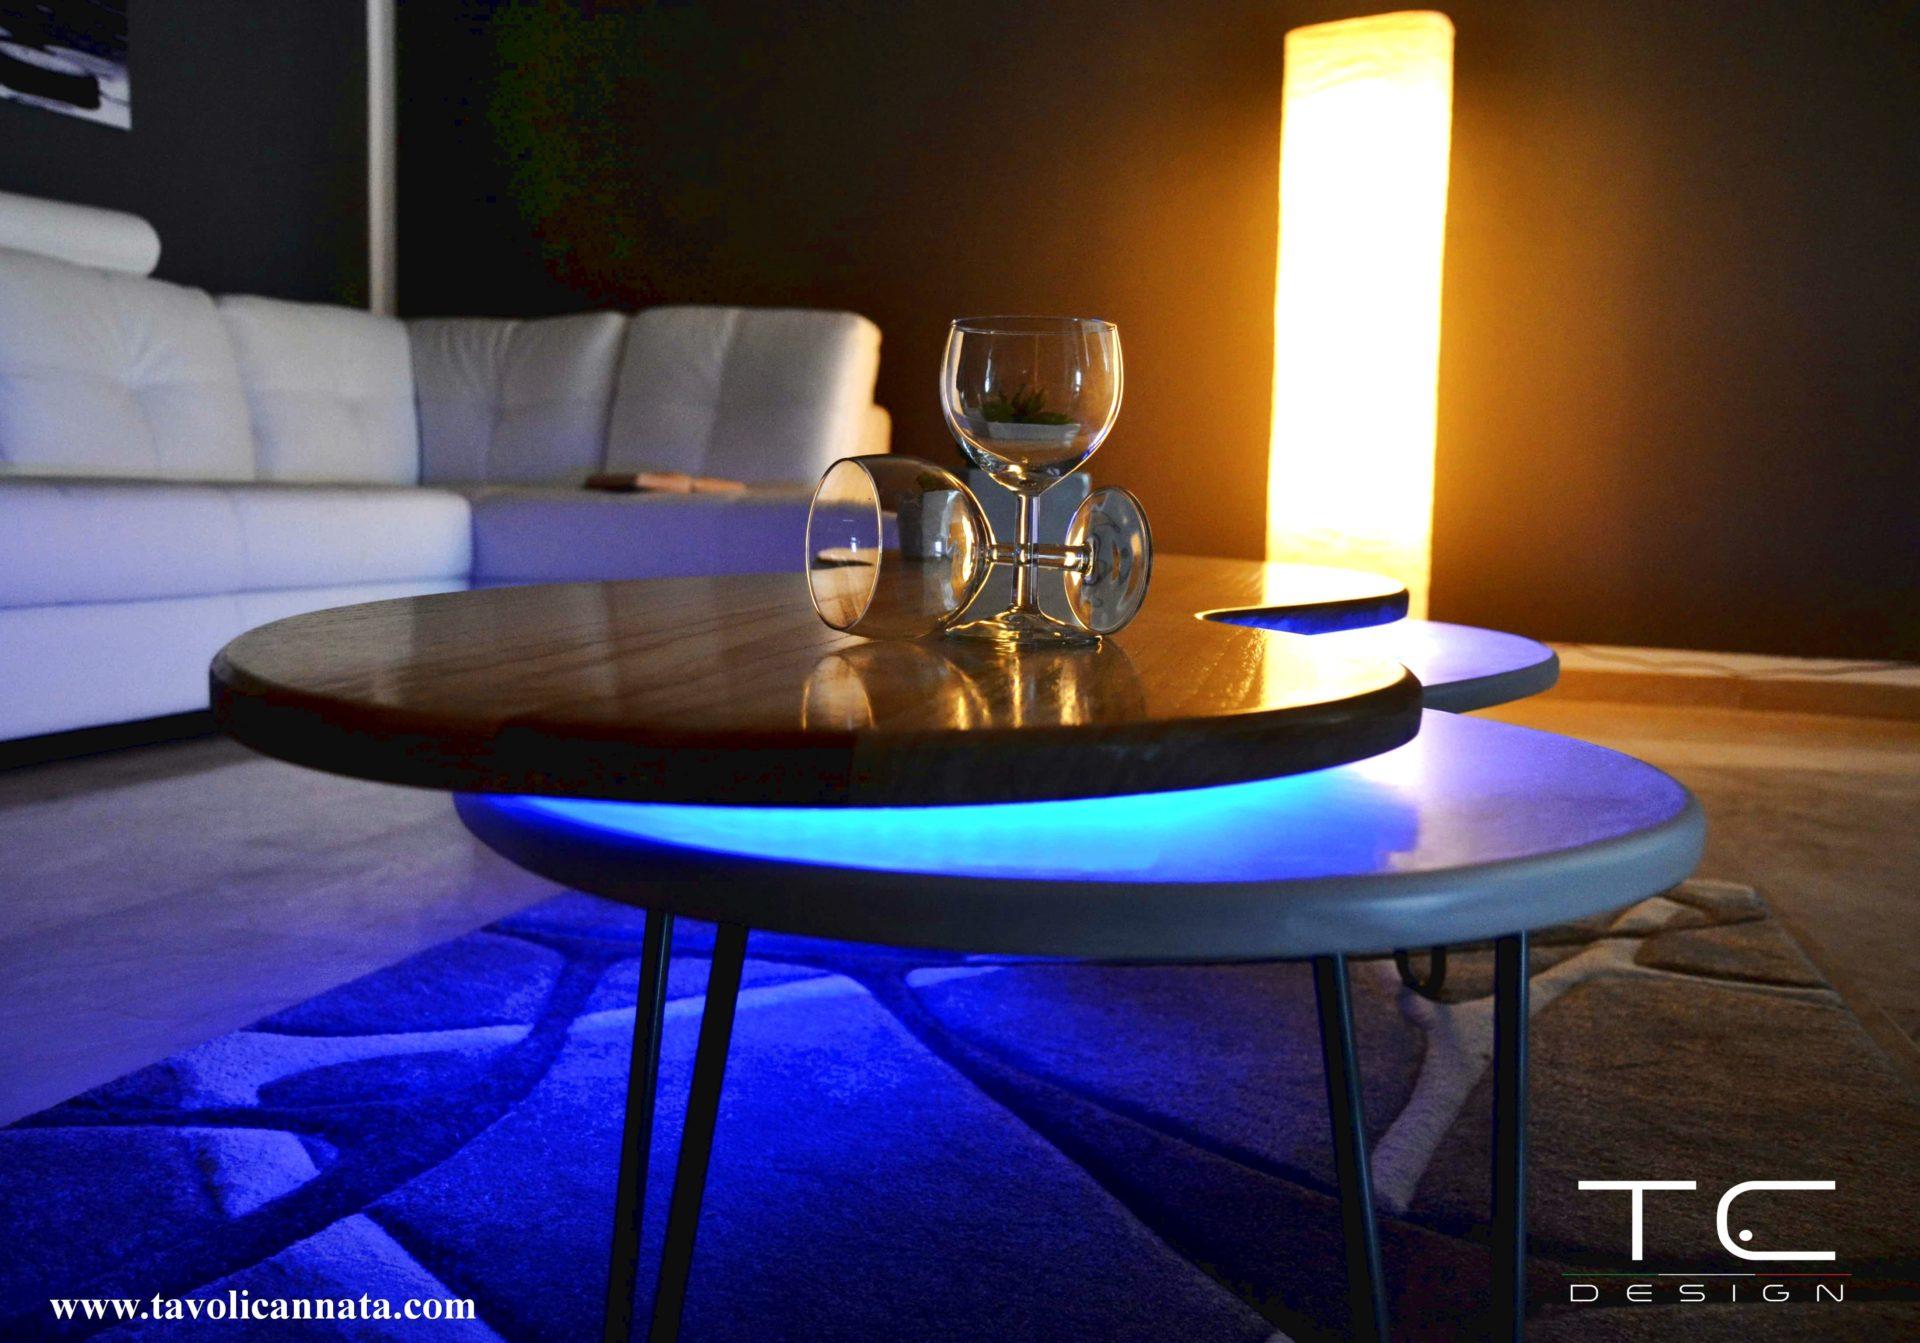 Tavolini per soggiorno in legno moderni - Tavolini Cannata